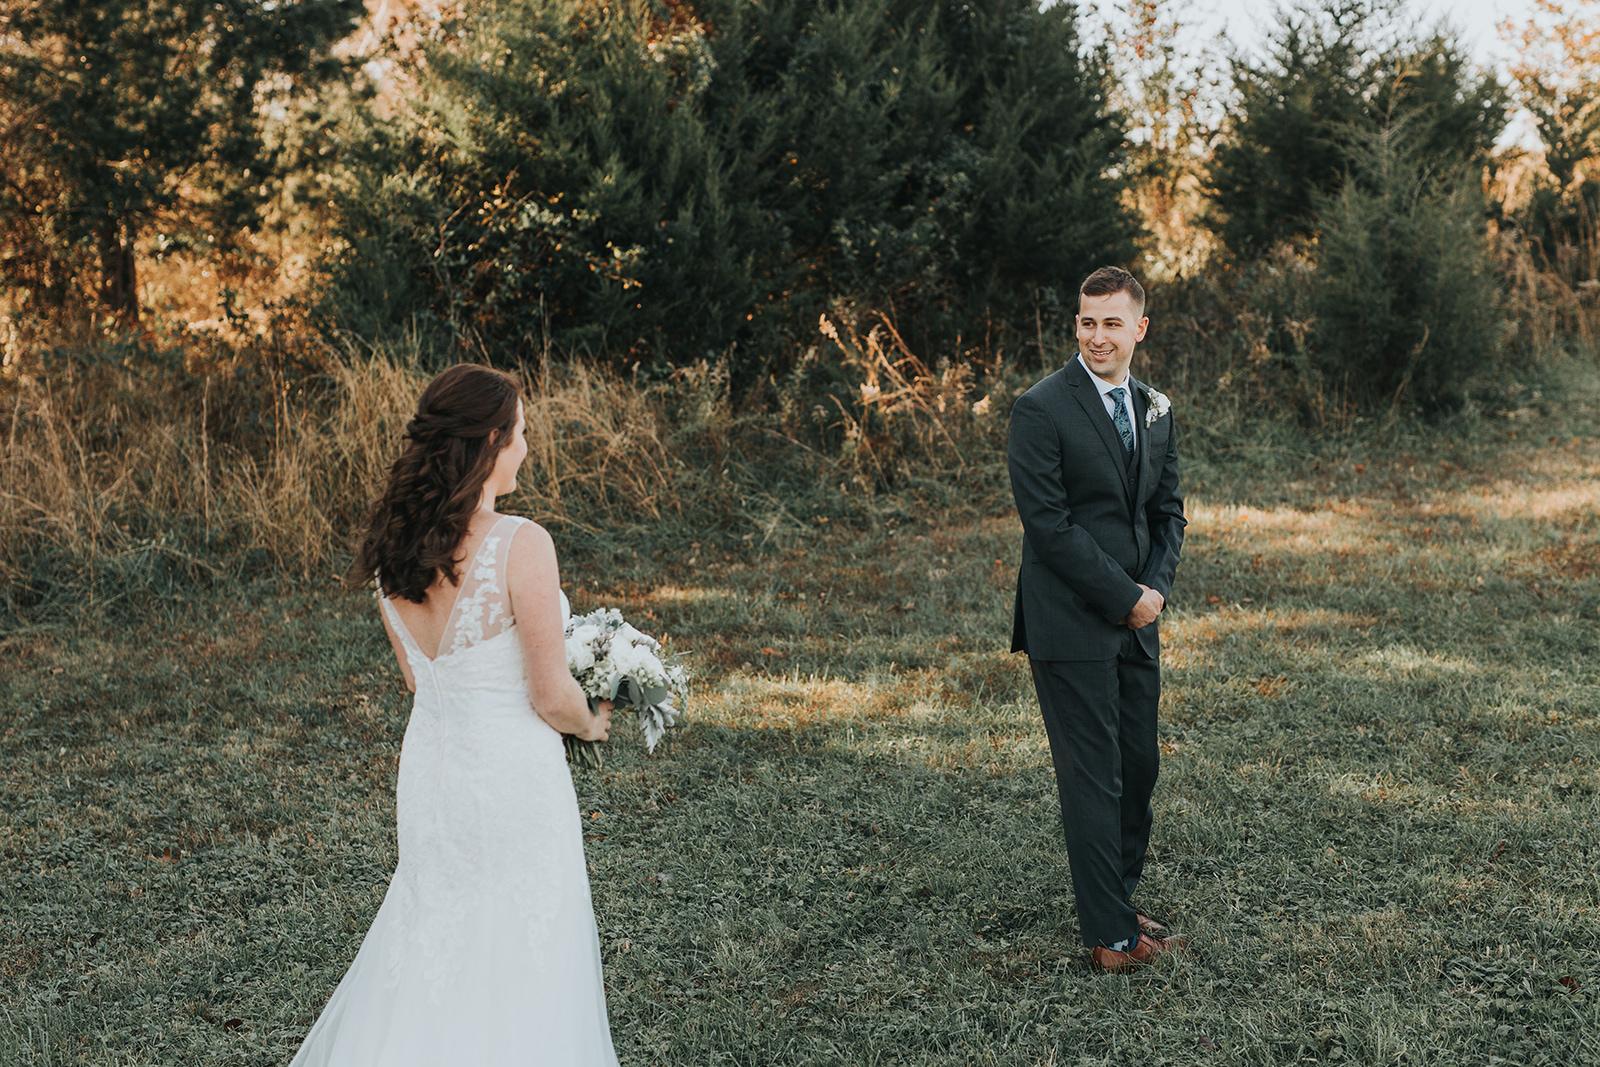 brielle-davis-events-48-fields-wedding-0062.jpg